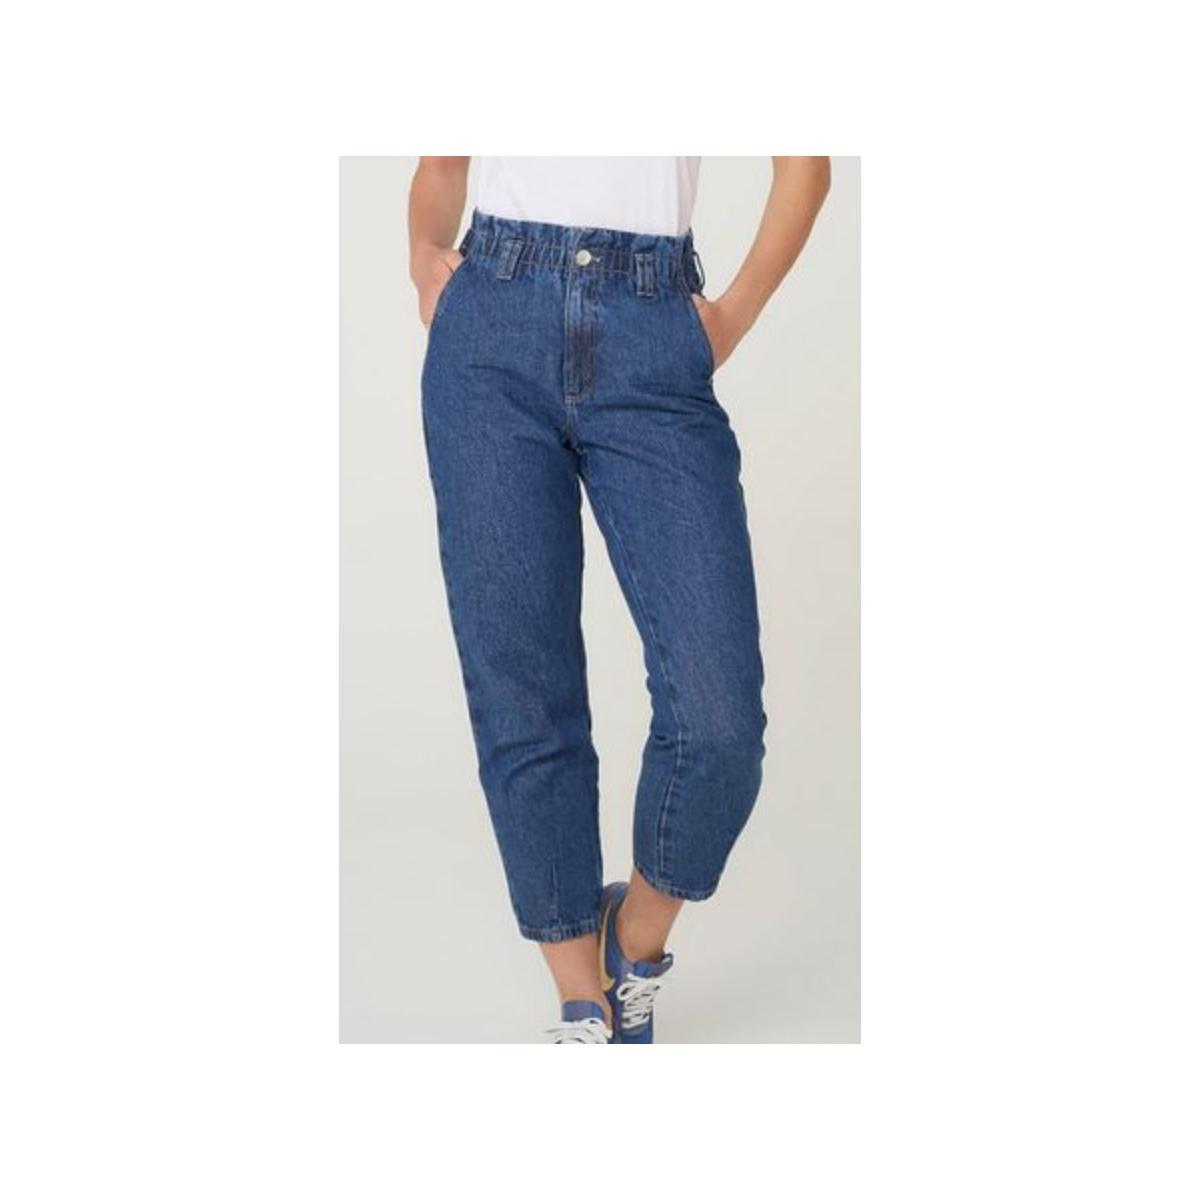 Calça Feminina Hering H9b0 1asn Jeans Escuro